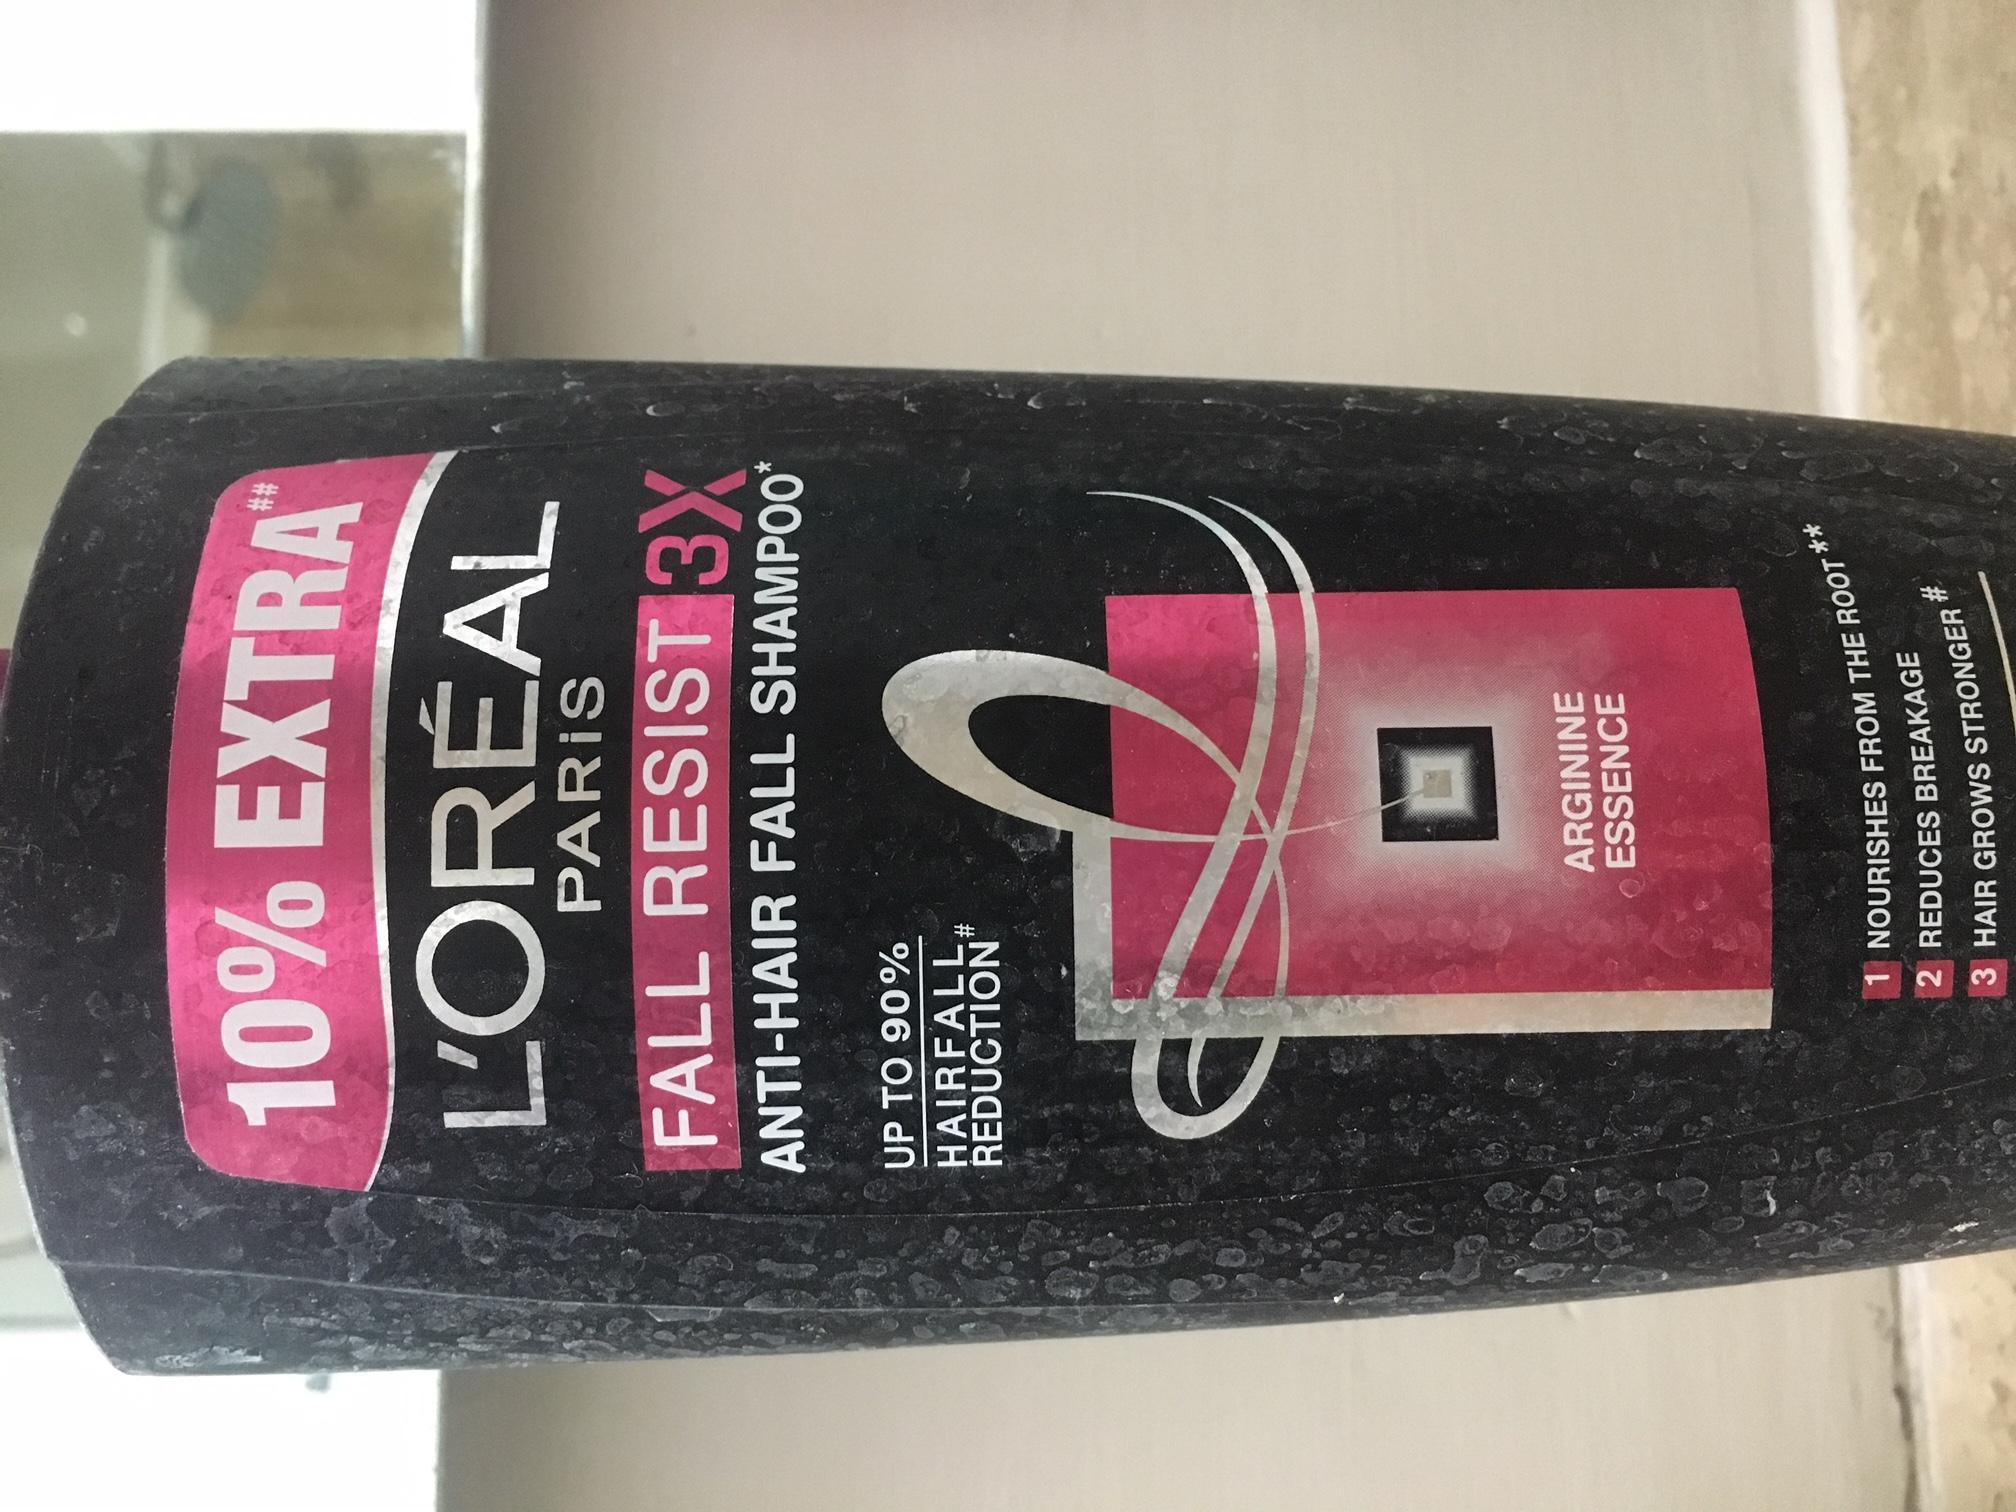 L'Oreal Paris Fall Resist 3x Anti Hair Fall Shampoo-Did not stop hair fall-By prernakapur